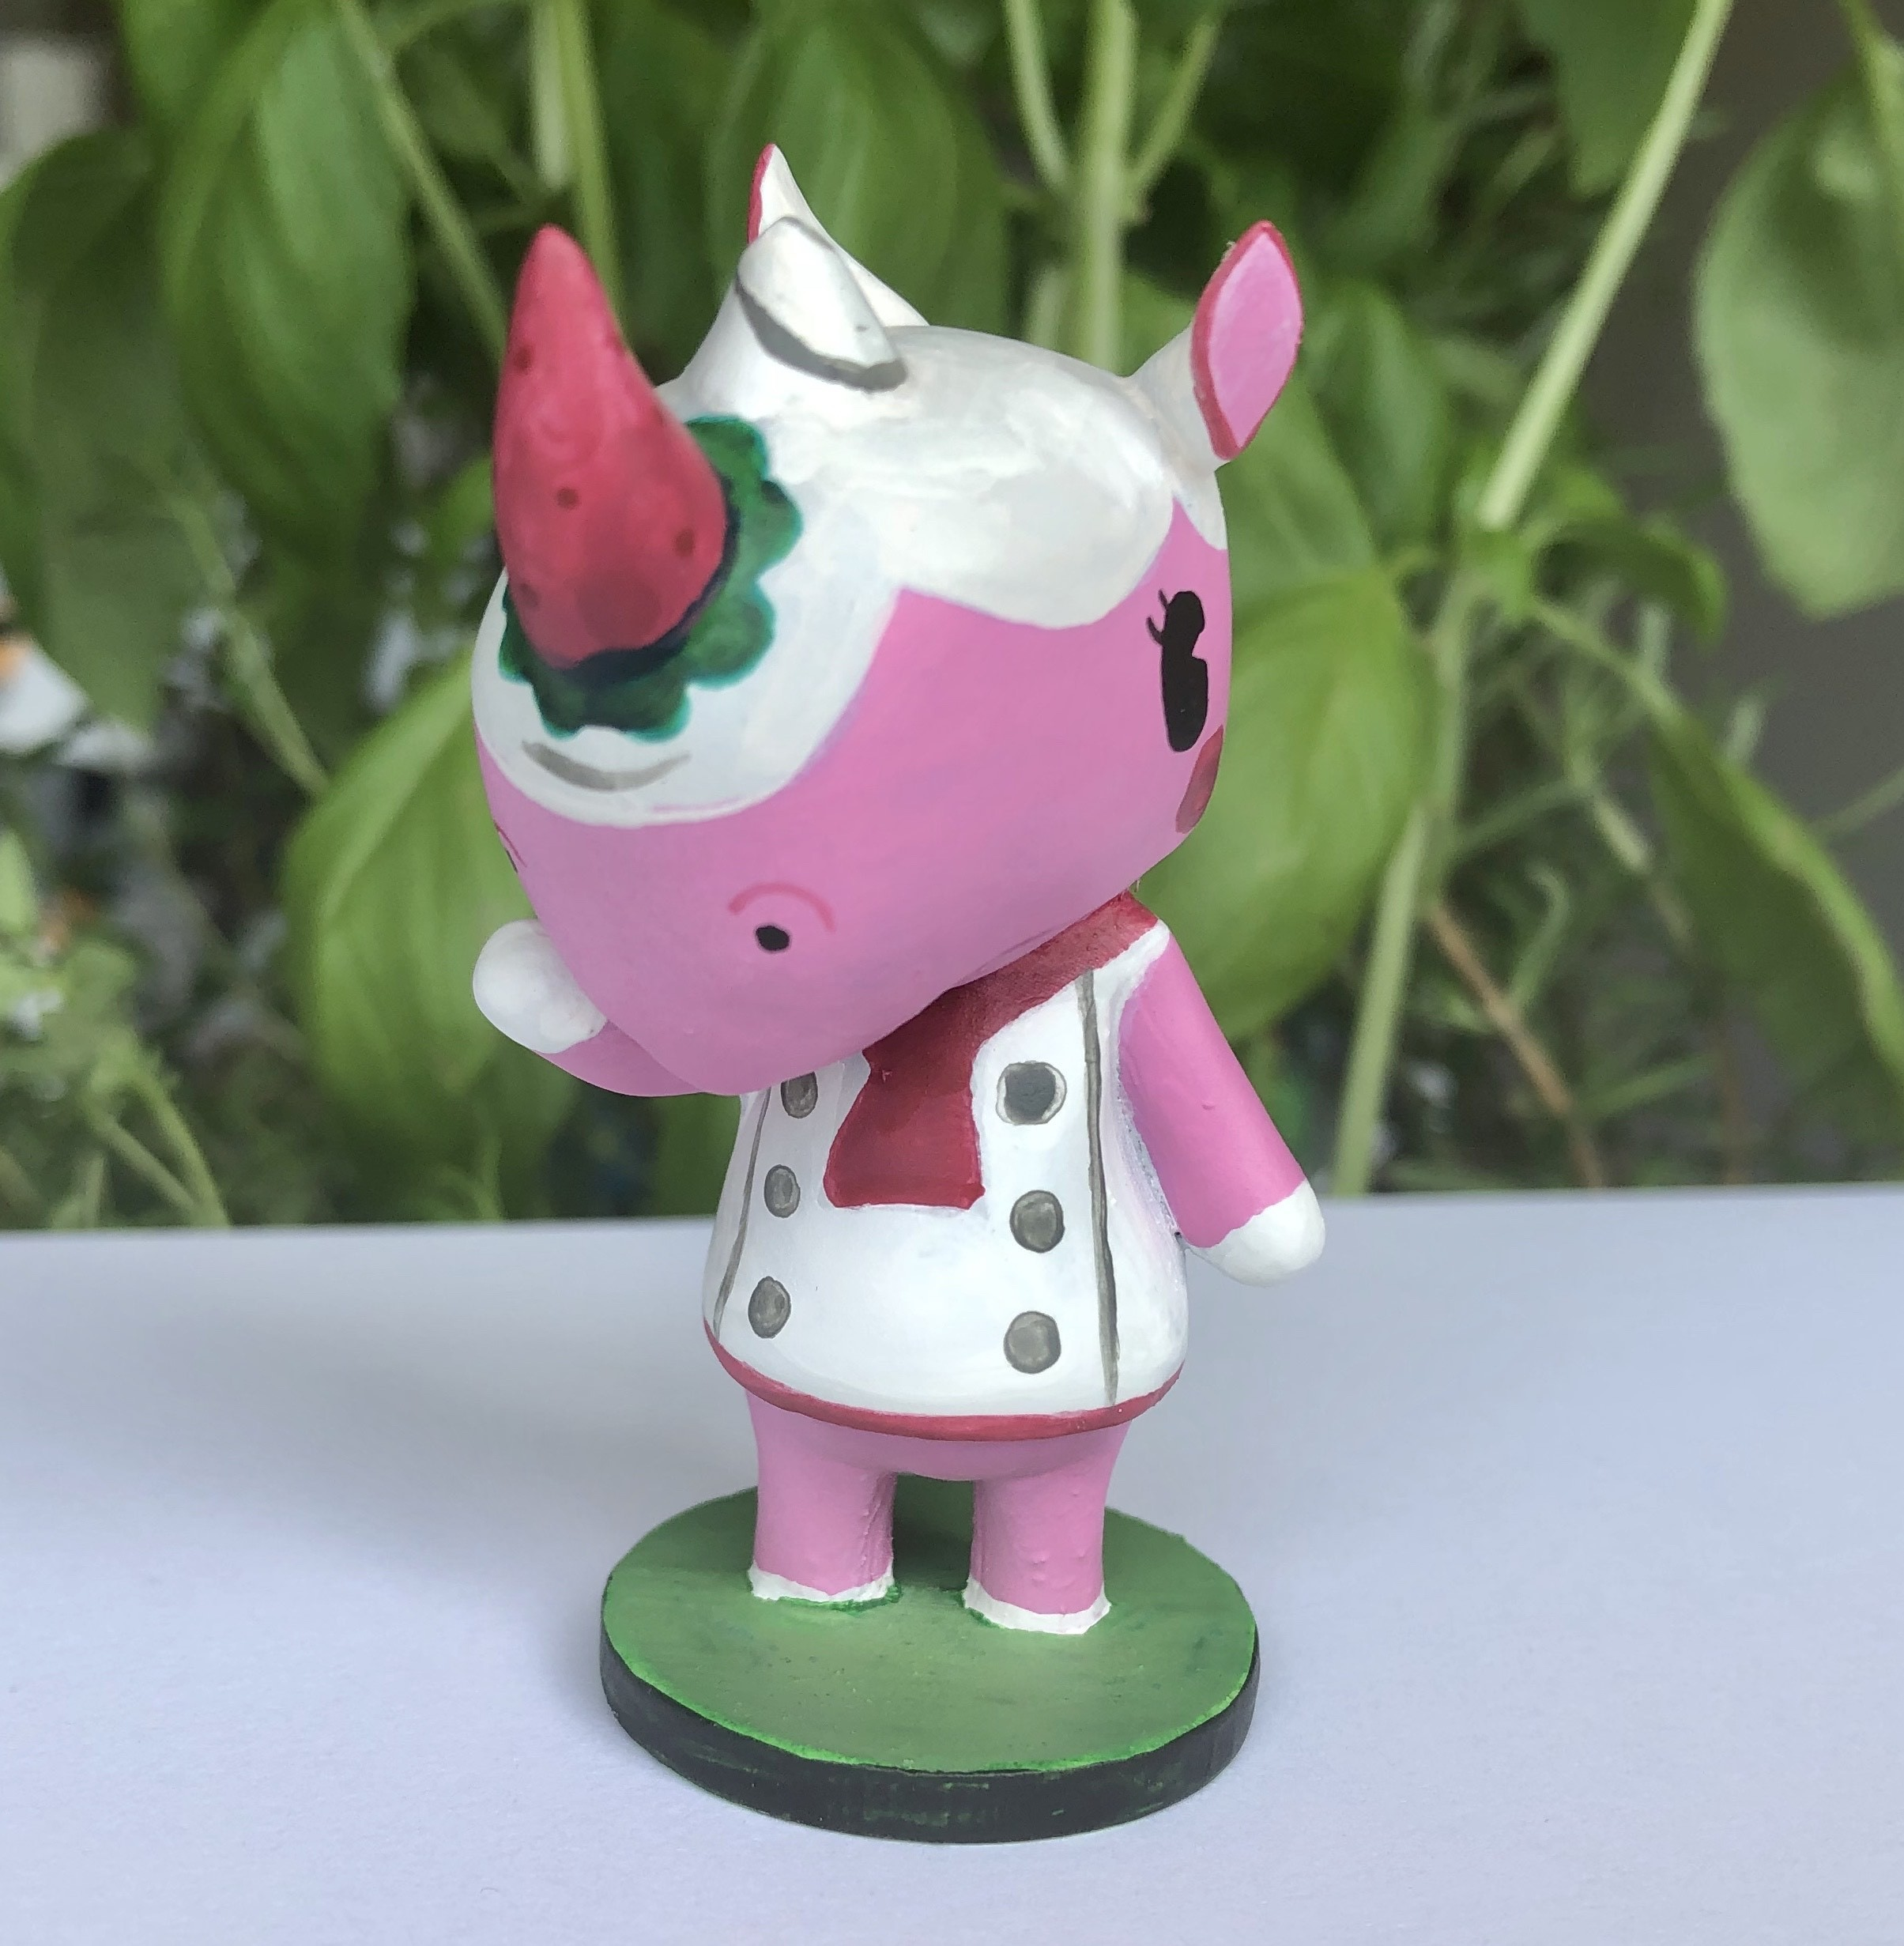 IMG_5491.jpg Download free STL file Merengue from Animal Crossing • 3D print template, skelei